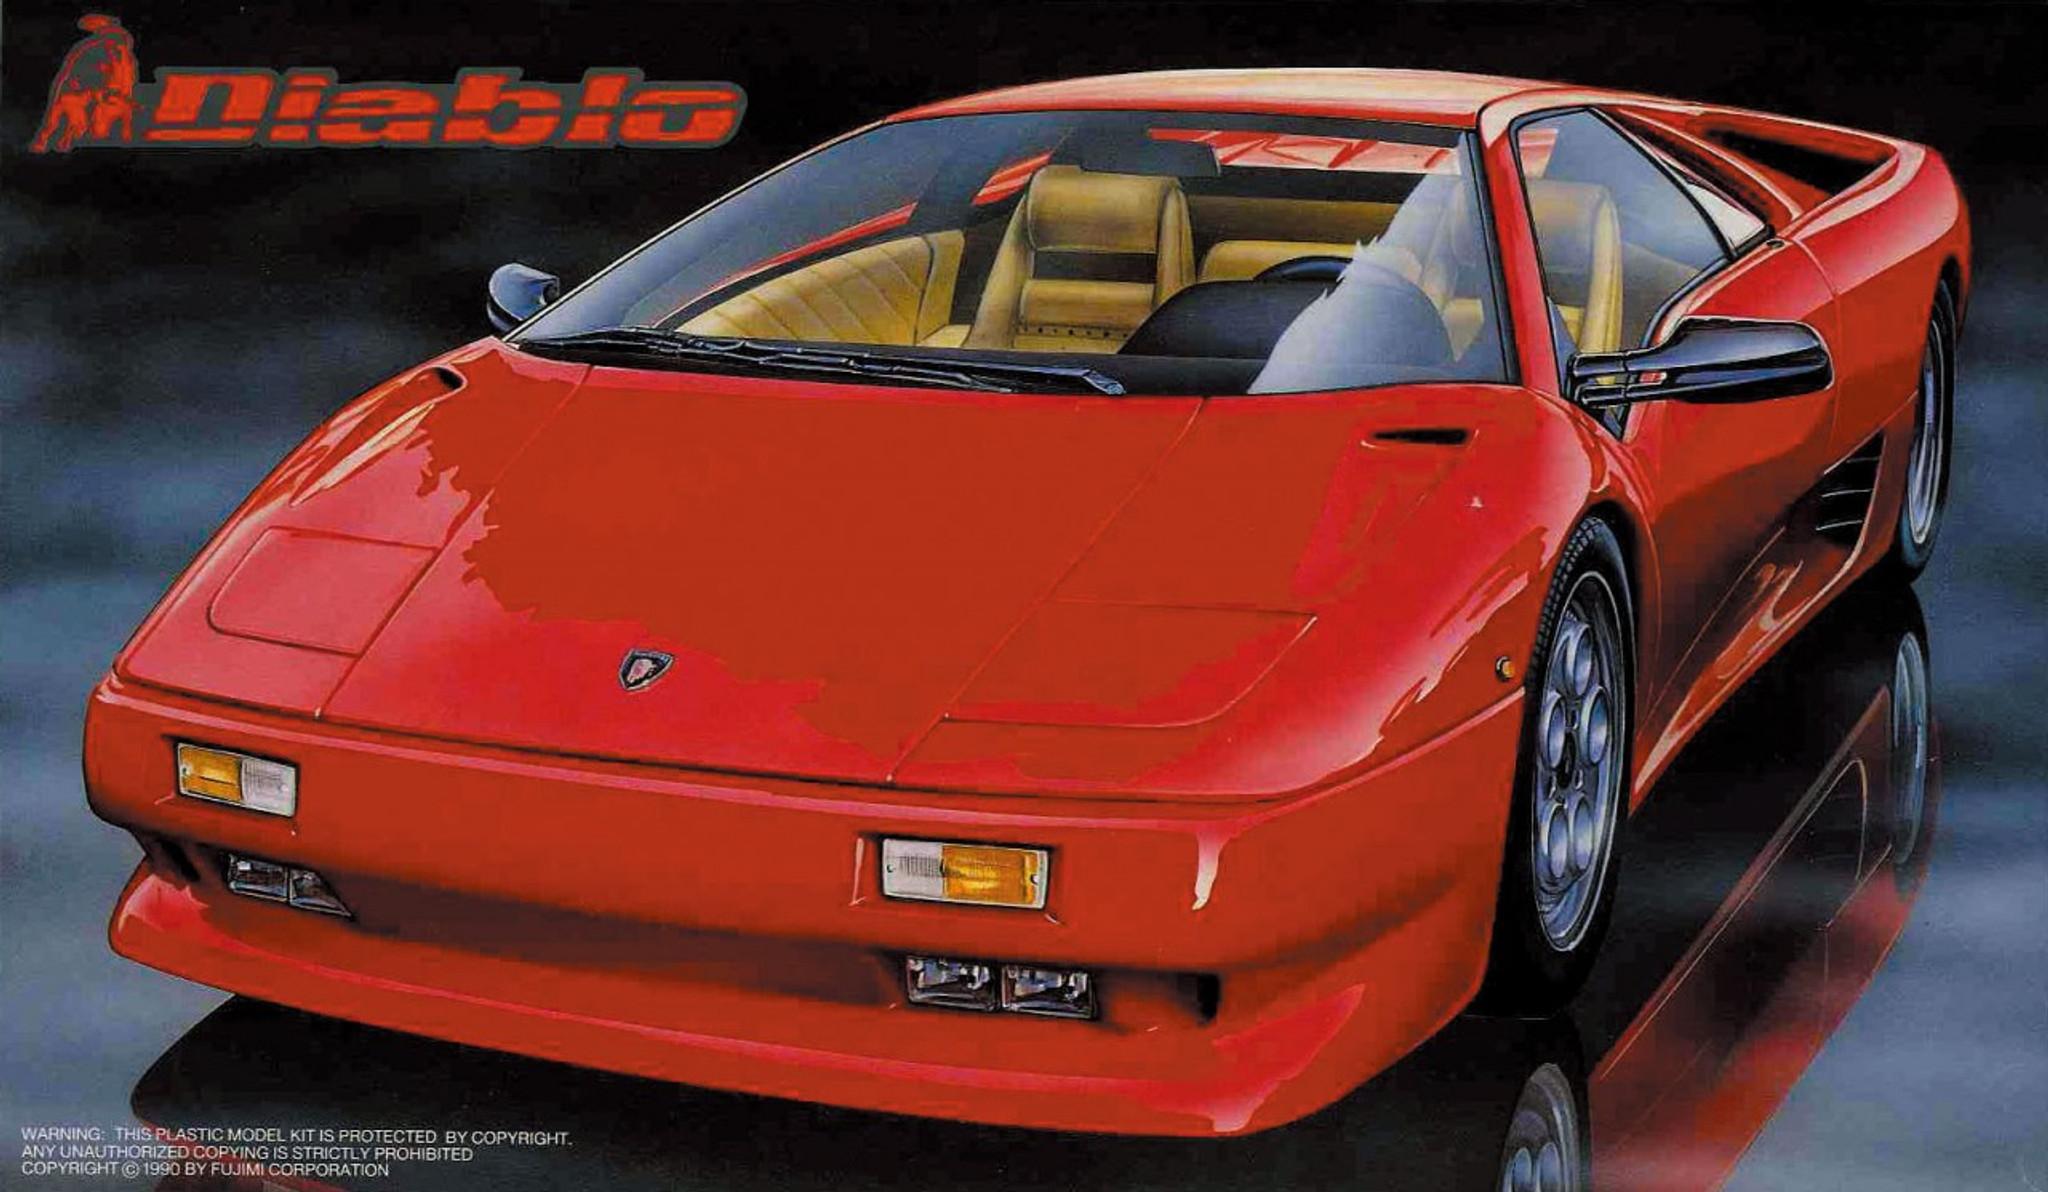 Fujimi Rs 21 Lamborghini Diablo 1 24 Scale Kit 124216 Plaza Japan